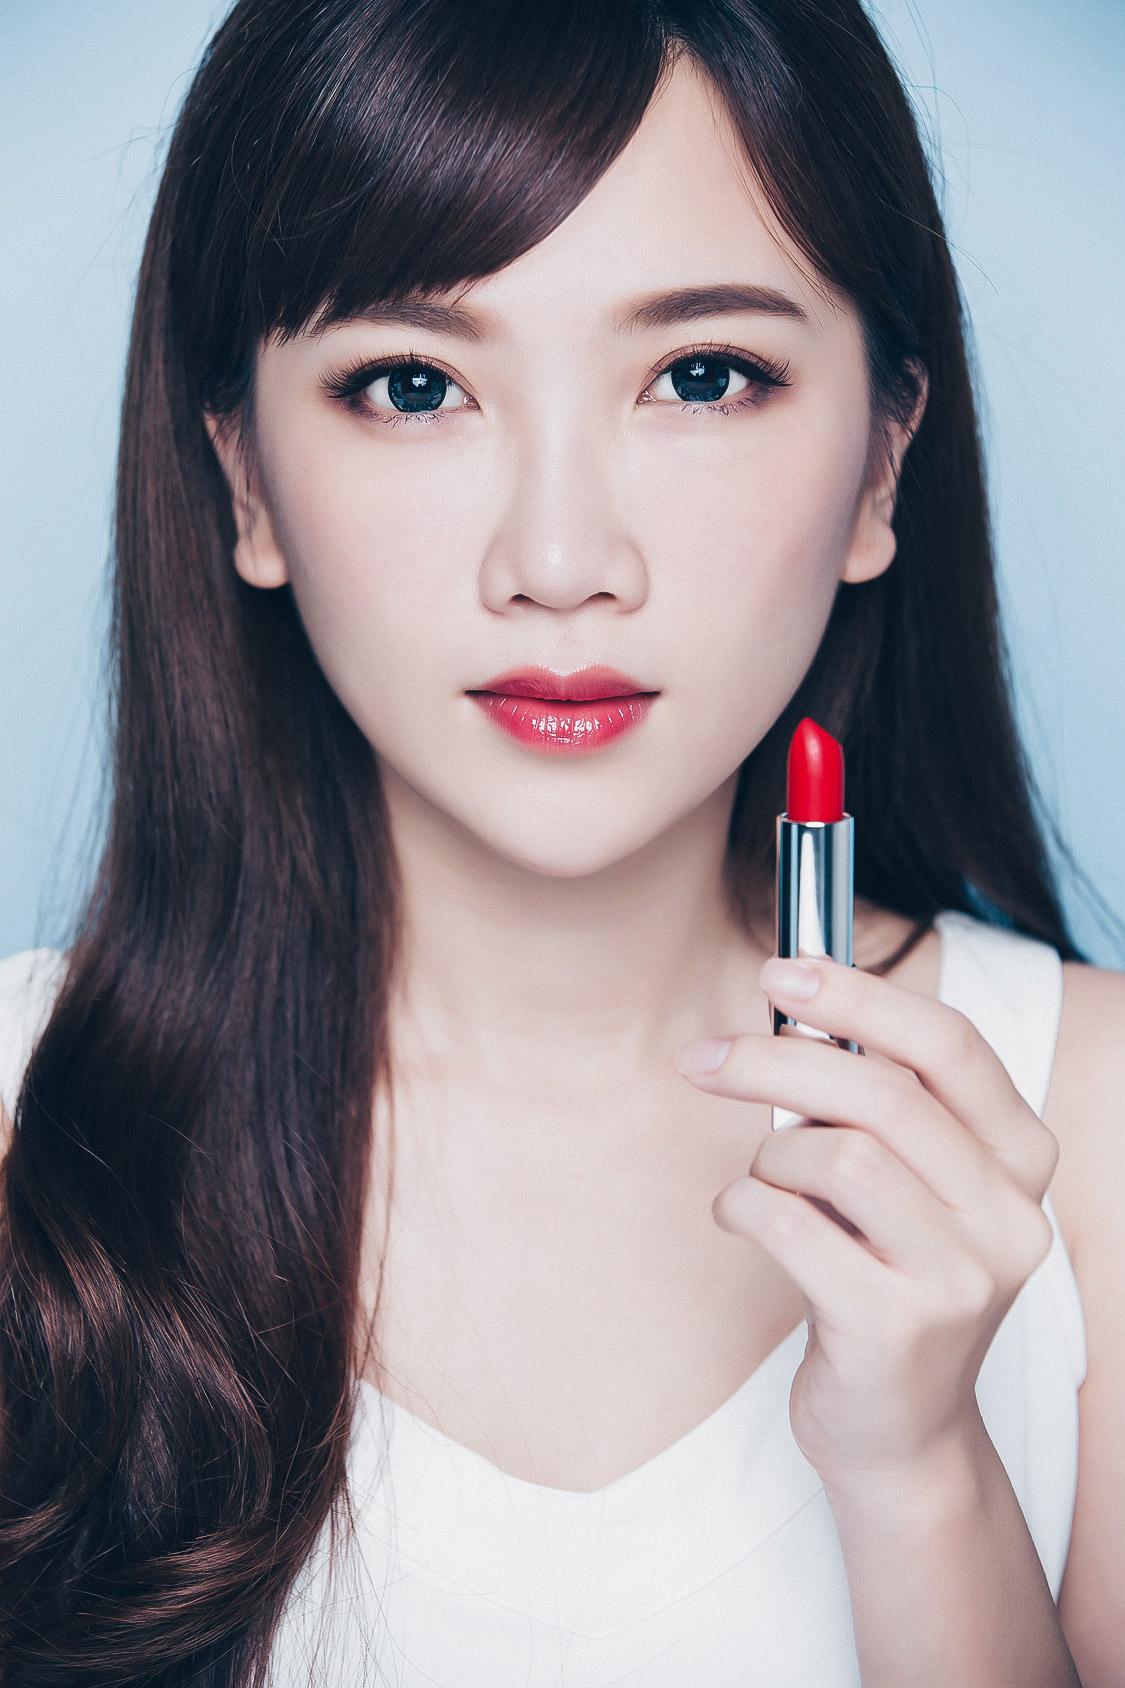 Asianication, Asiatische Beauty Geheimnisse für strahlende Haut, koreanische Kosmetik, asiatische Hautpflege Tipps und Tricks, Beauty Blog, Magazin, strahlende Haut Tipps, www.whoismocca.com